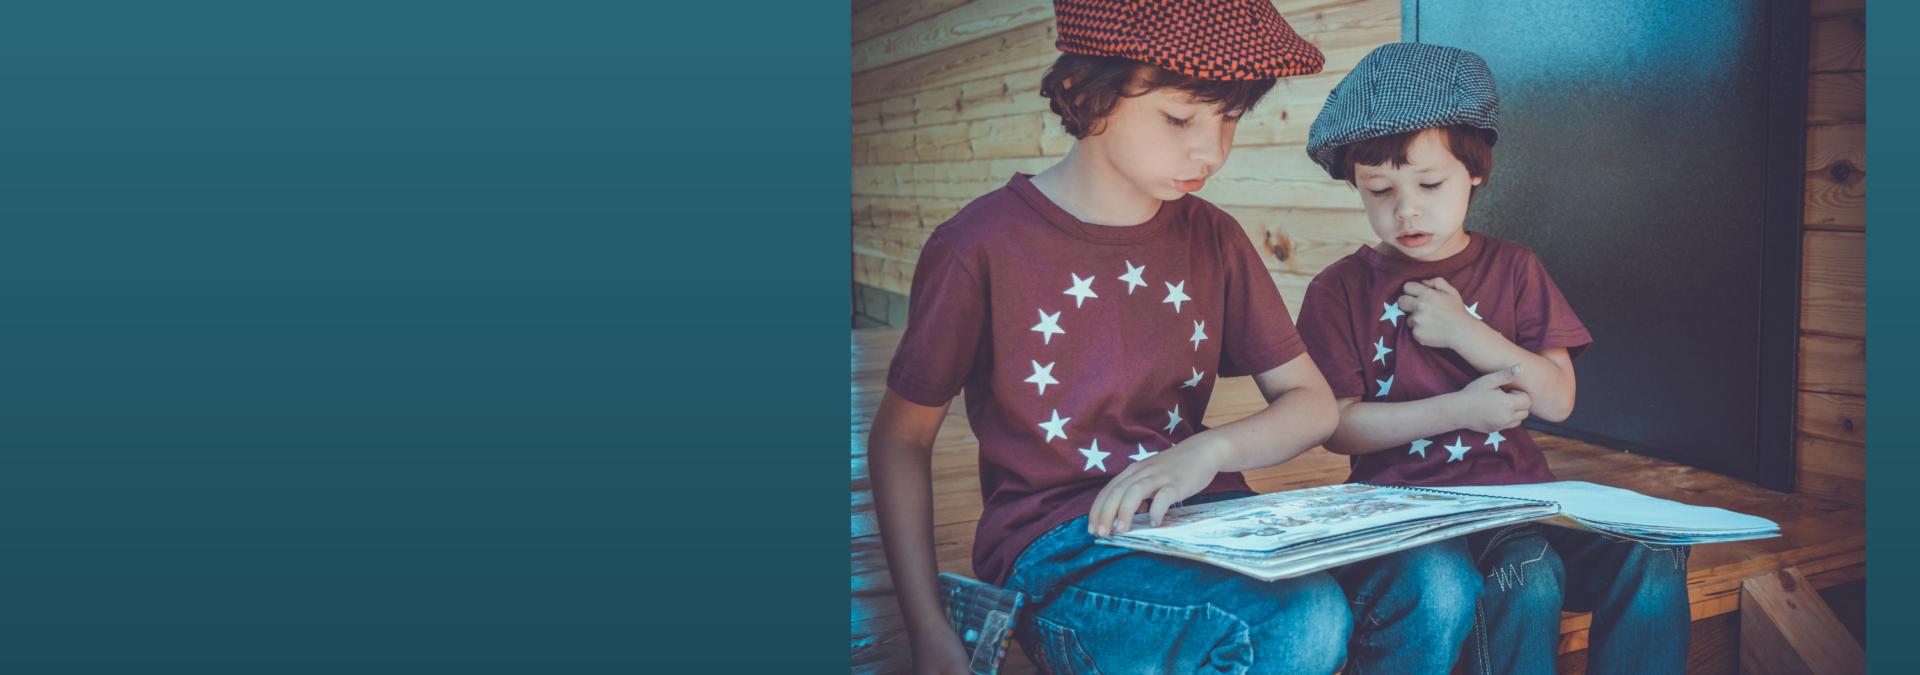 La biblioteca arriva a scuola: servizio di prestito per le scuole primarie di Vignola